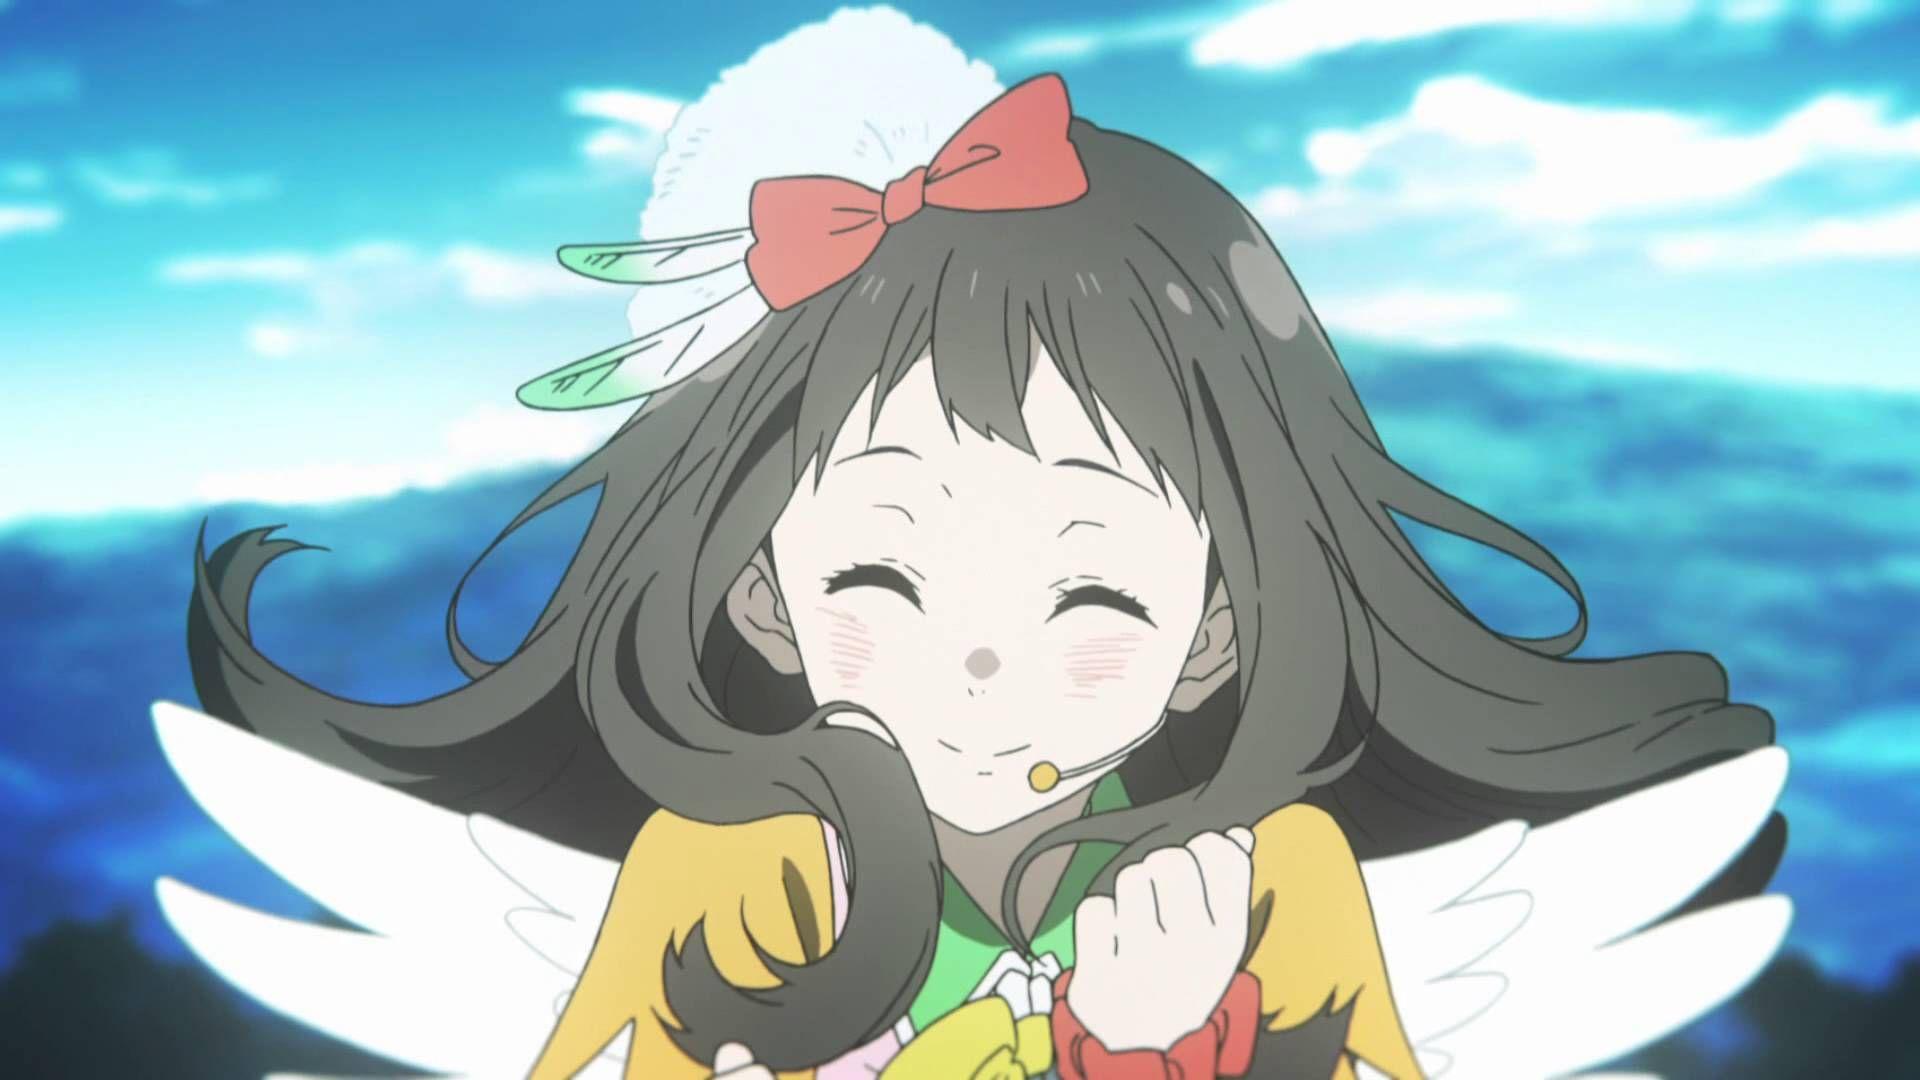 Kyoukai No Kanata Beyond The Boundary Yakusoku No Kizuna Future Star Full Dance Kanata Anime Movies Anime